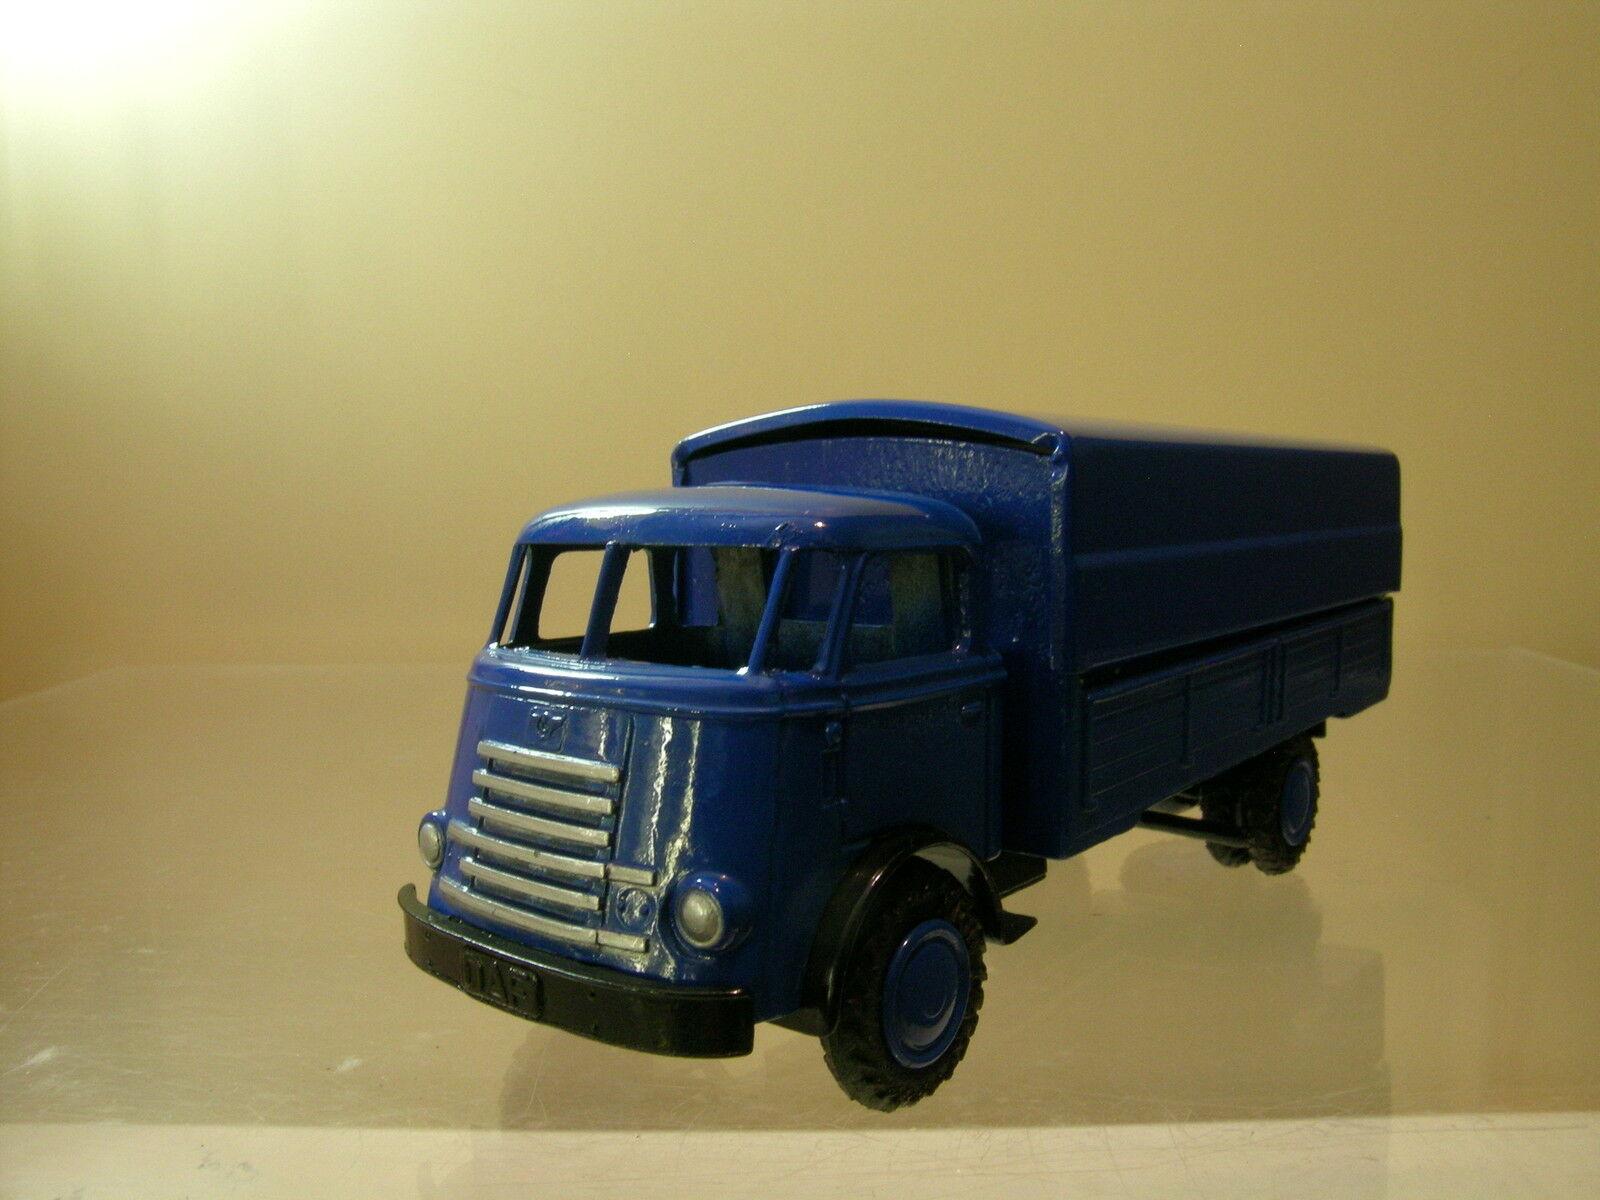 LION CAR No.23 DAF1100 6 STREPER FRONTSTUUR TRUCK COLOUR Blau SCALE 1 50